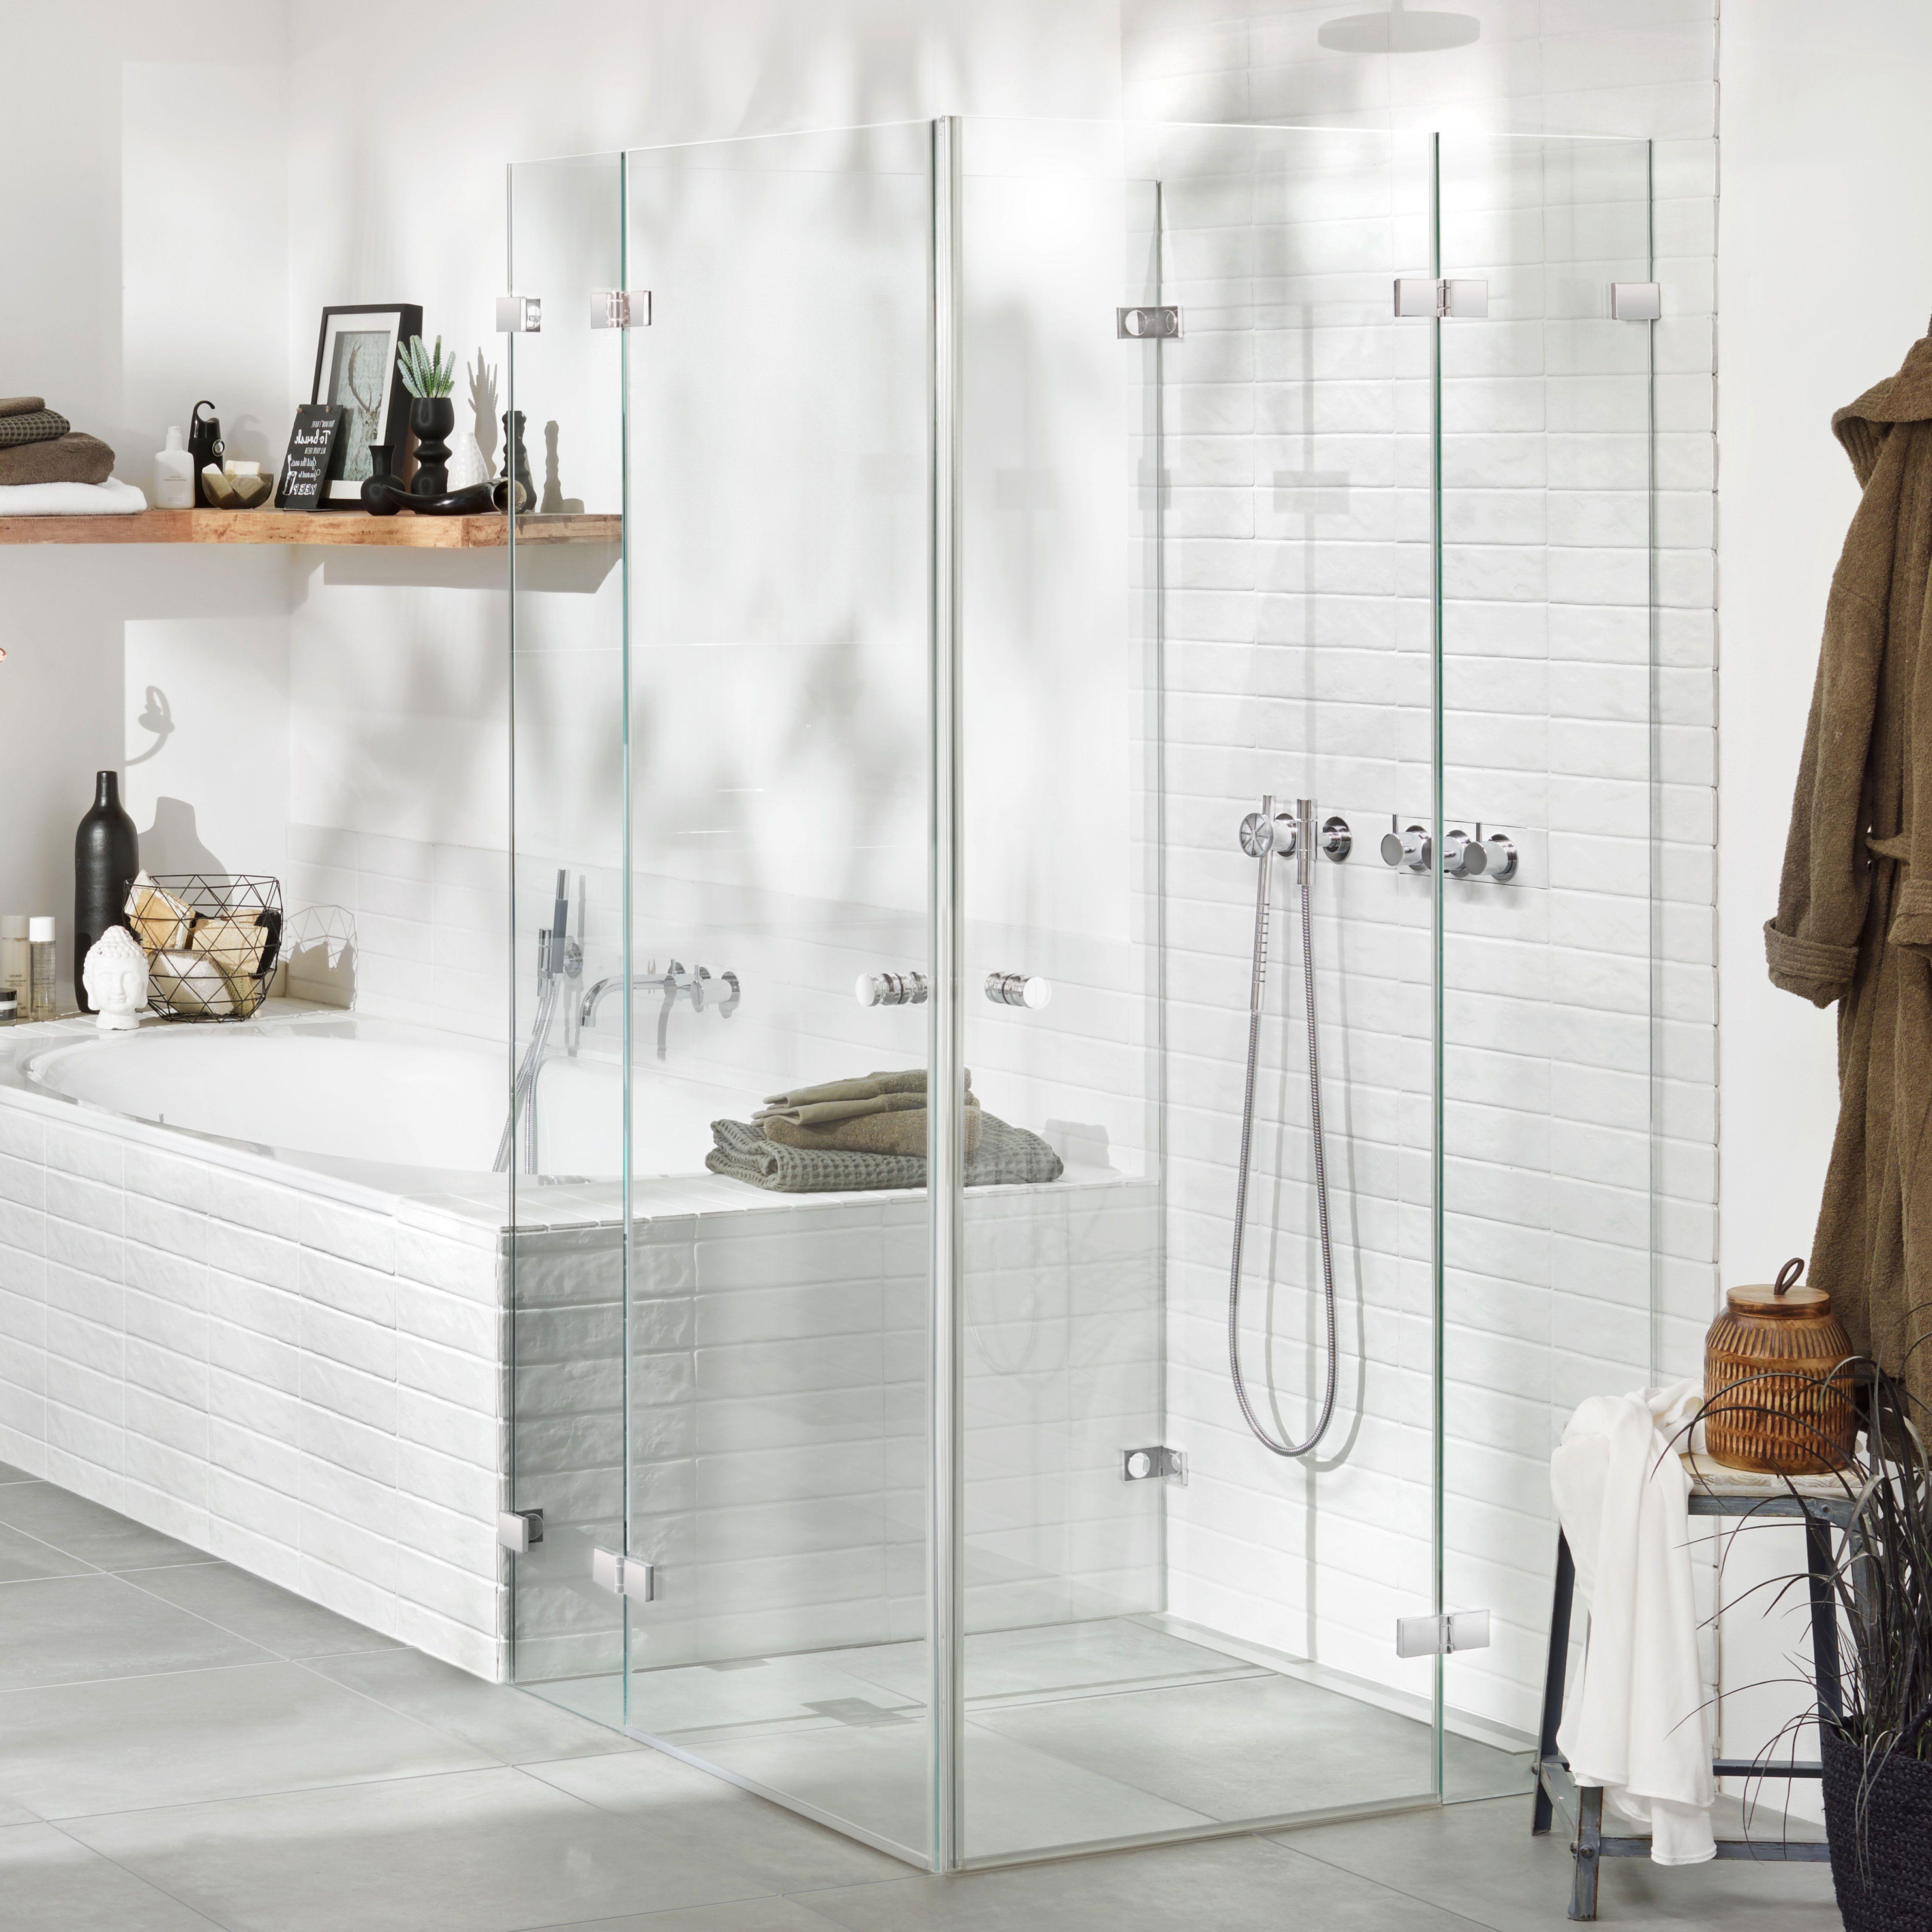 Edles Glas Beschlage Fur Leichte Reinigung Und Dusche Inklusive